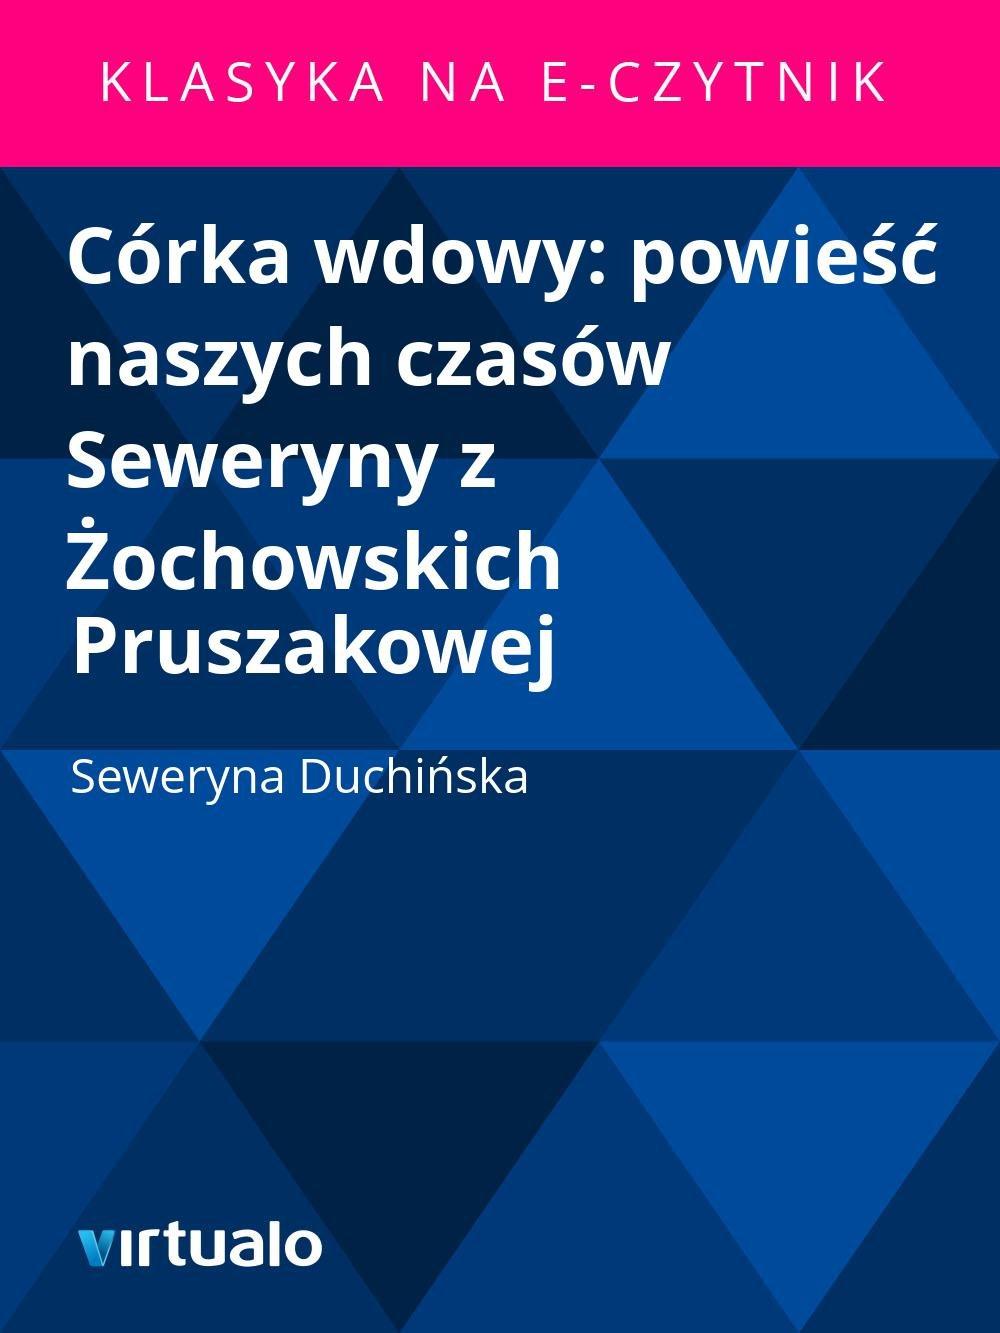 Córka wdowy: powieść naszych czasów Seweryny z Żochowskich Pruszakowej - Ebook (Książka EPUB) do pobrania w formacie EPUB